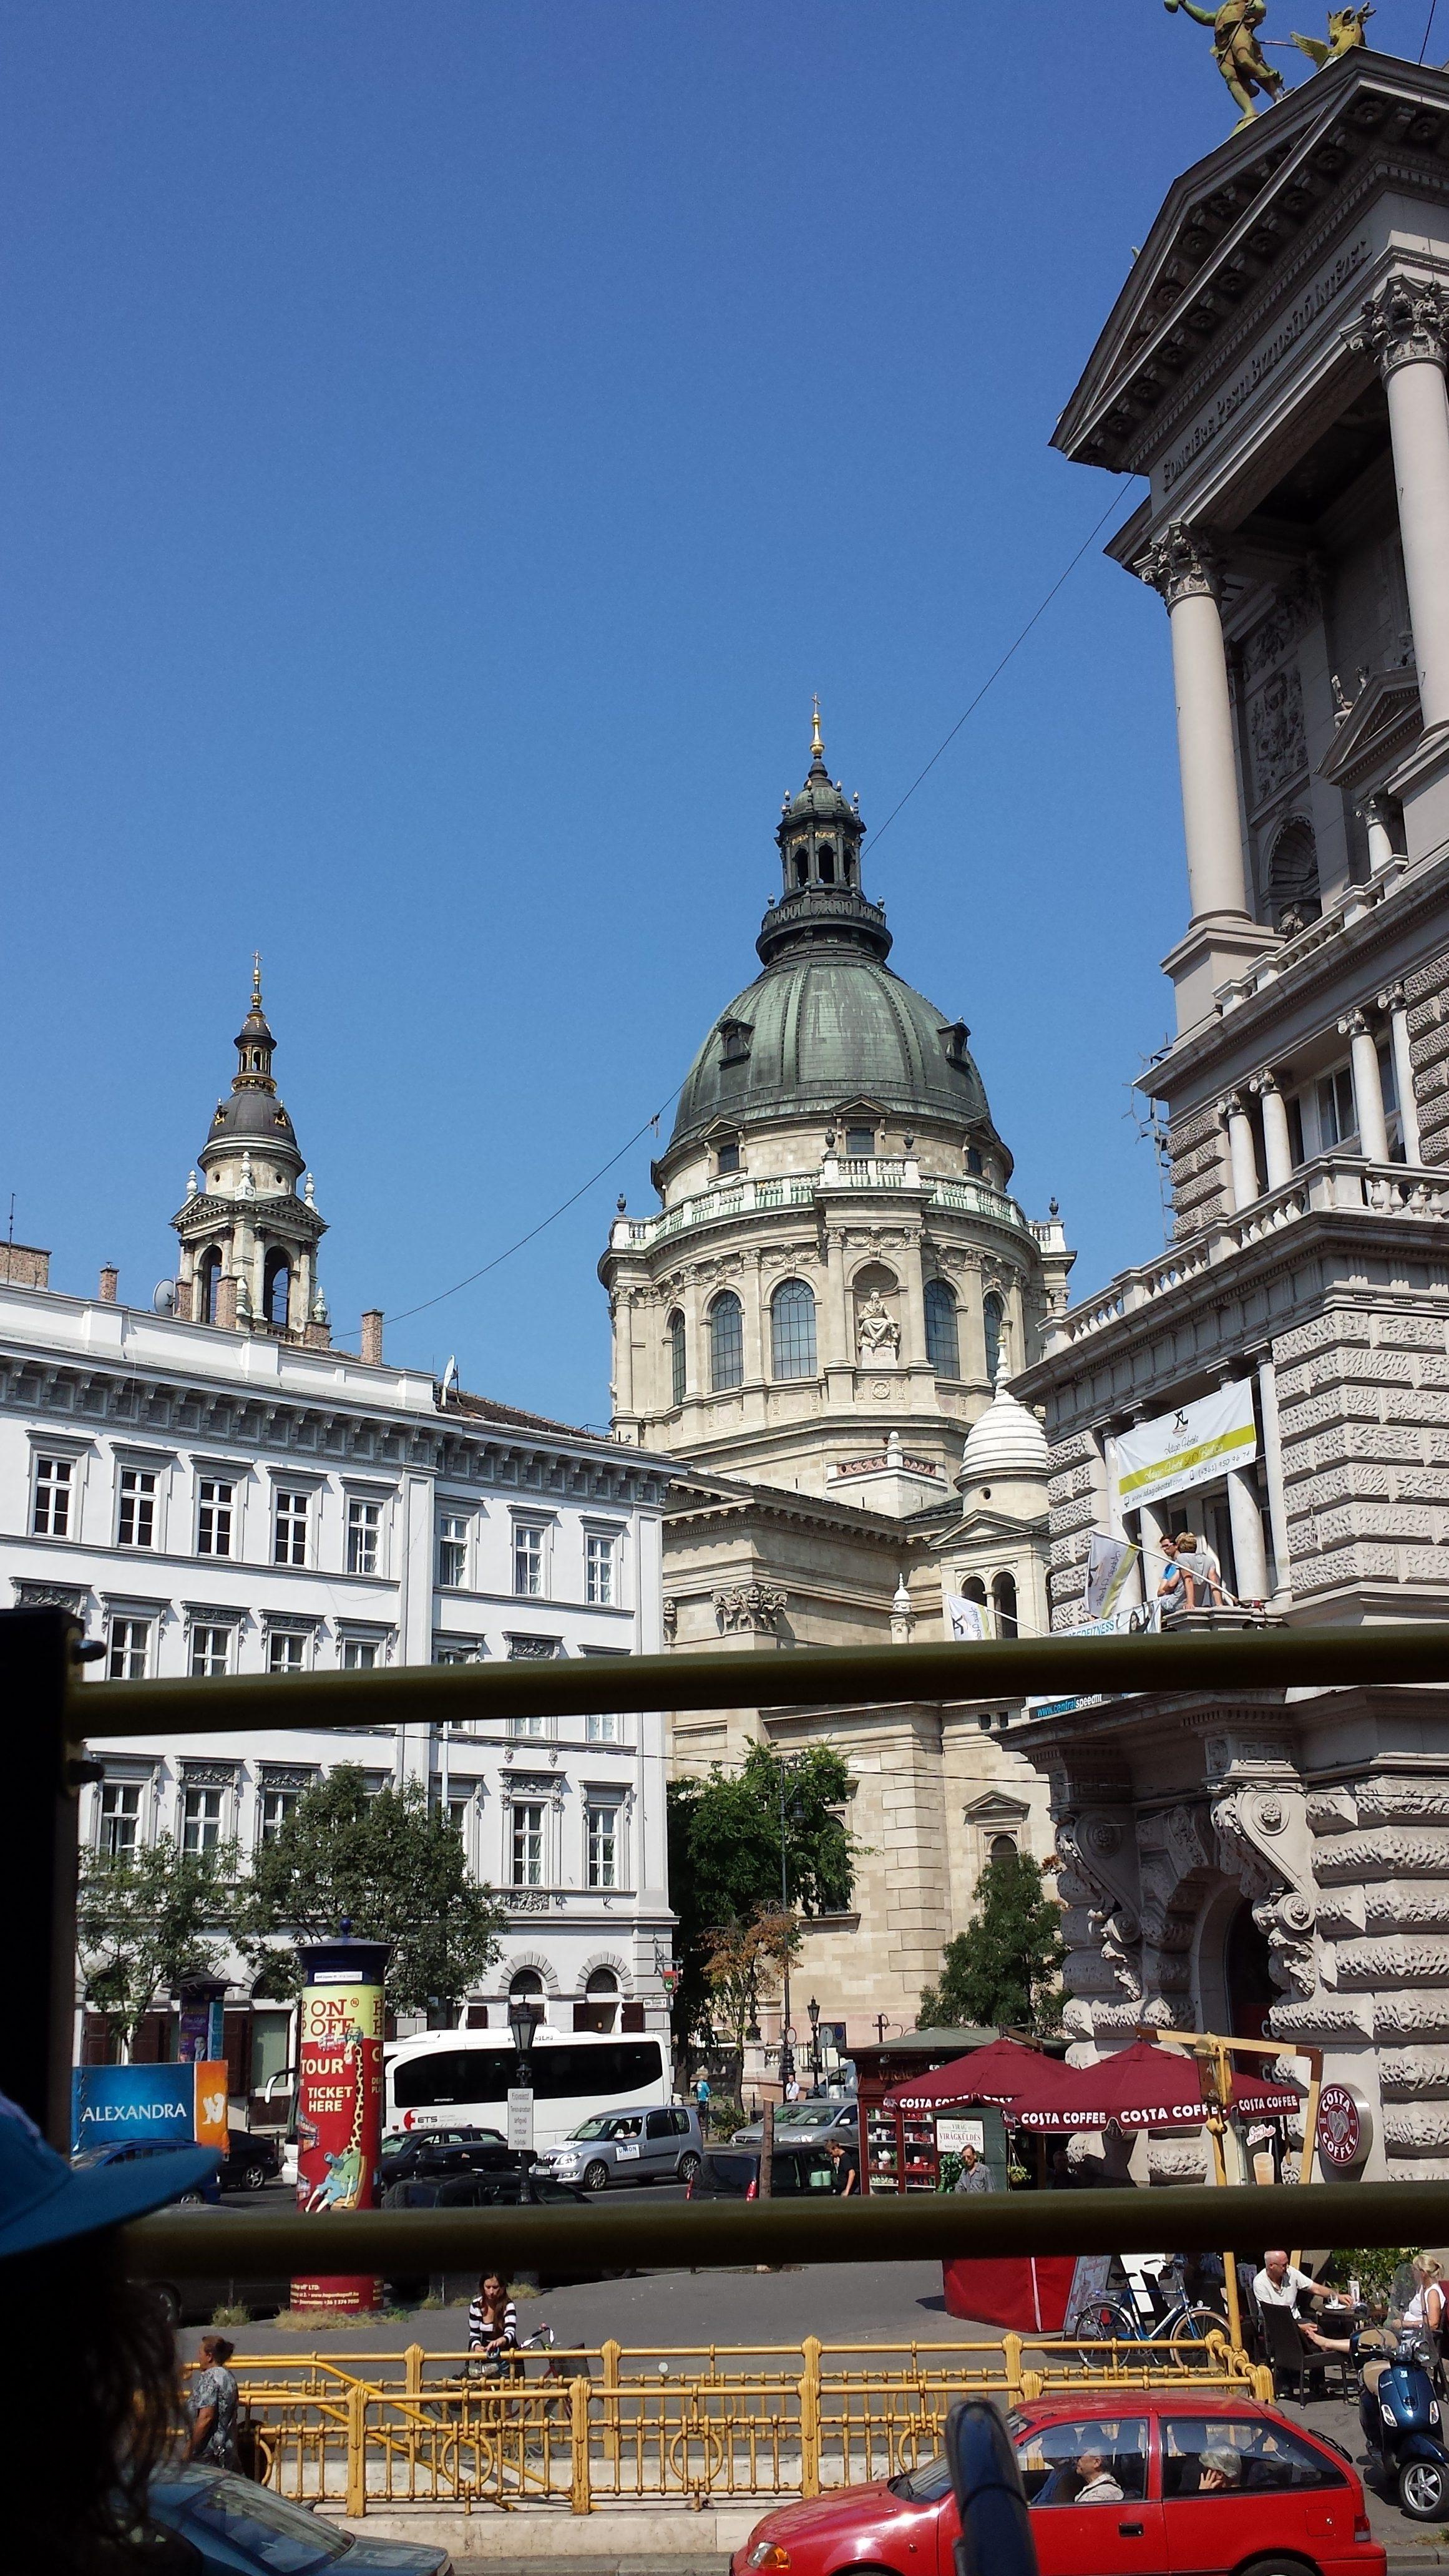 Tips & Ervaringen goedkope stedentrip Boedapest Hongarije in Oost-Europa. Van uitjes, bezienswaardigheden en tips eten.